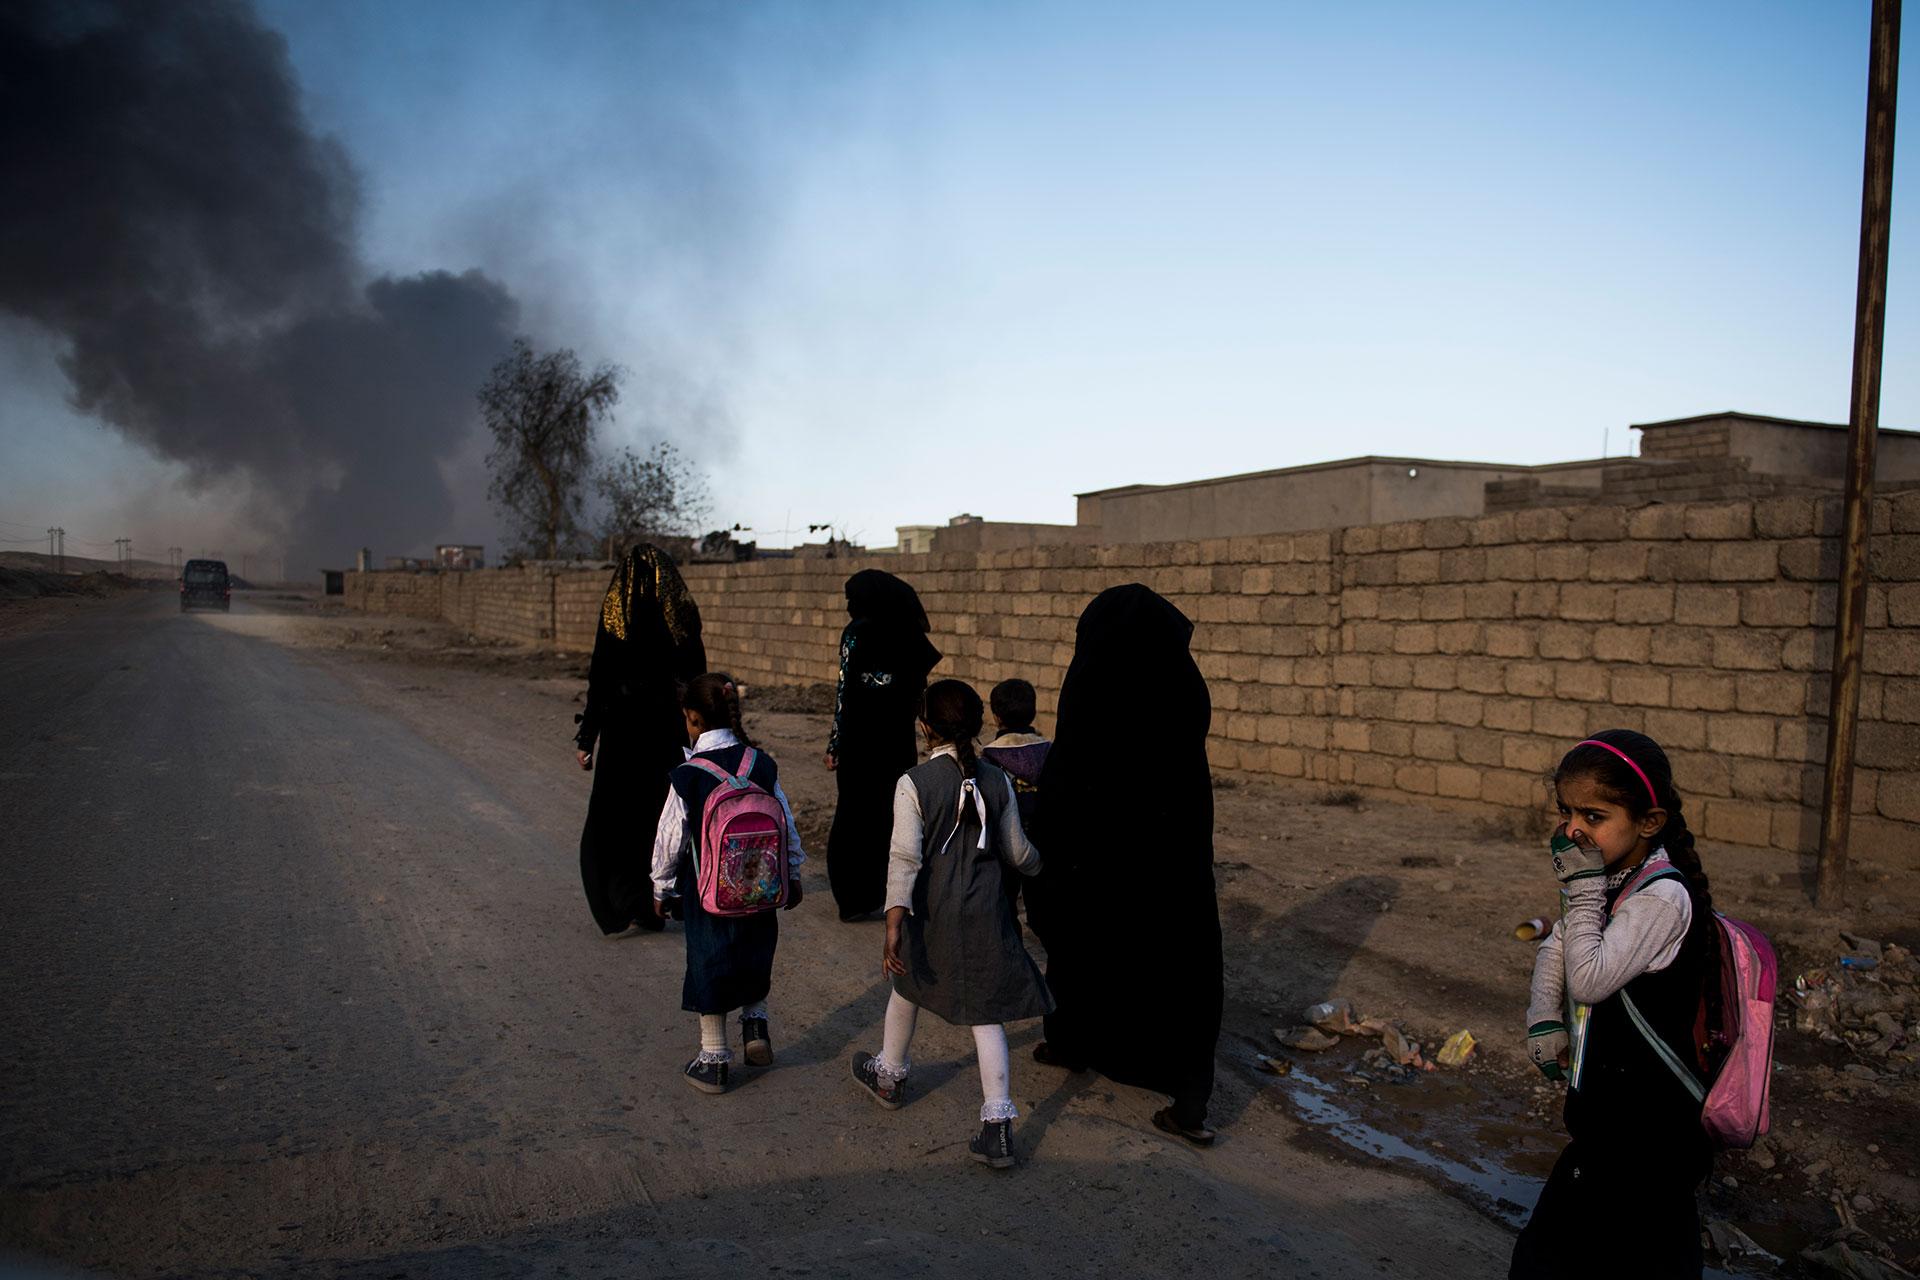 Los yihadistas provocaron los incendios en Qayyarah cuando todavía controlaban la zona (AFP)